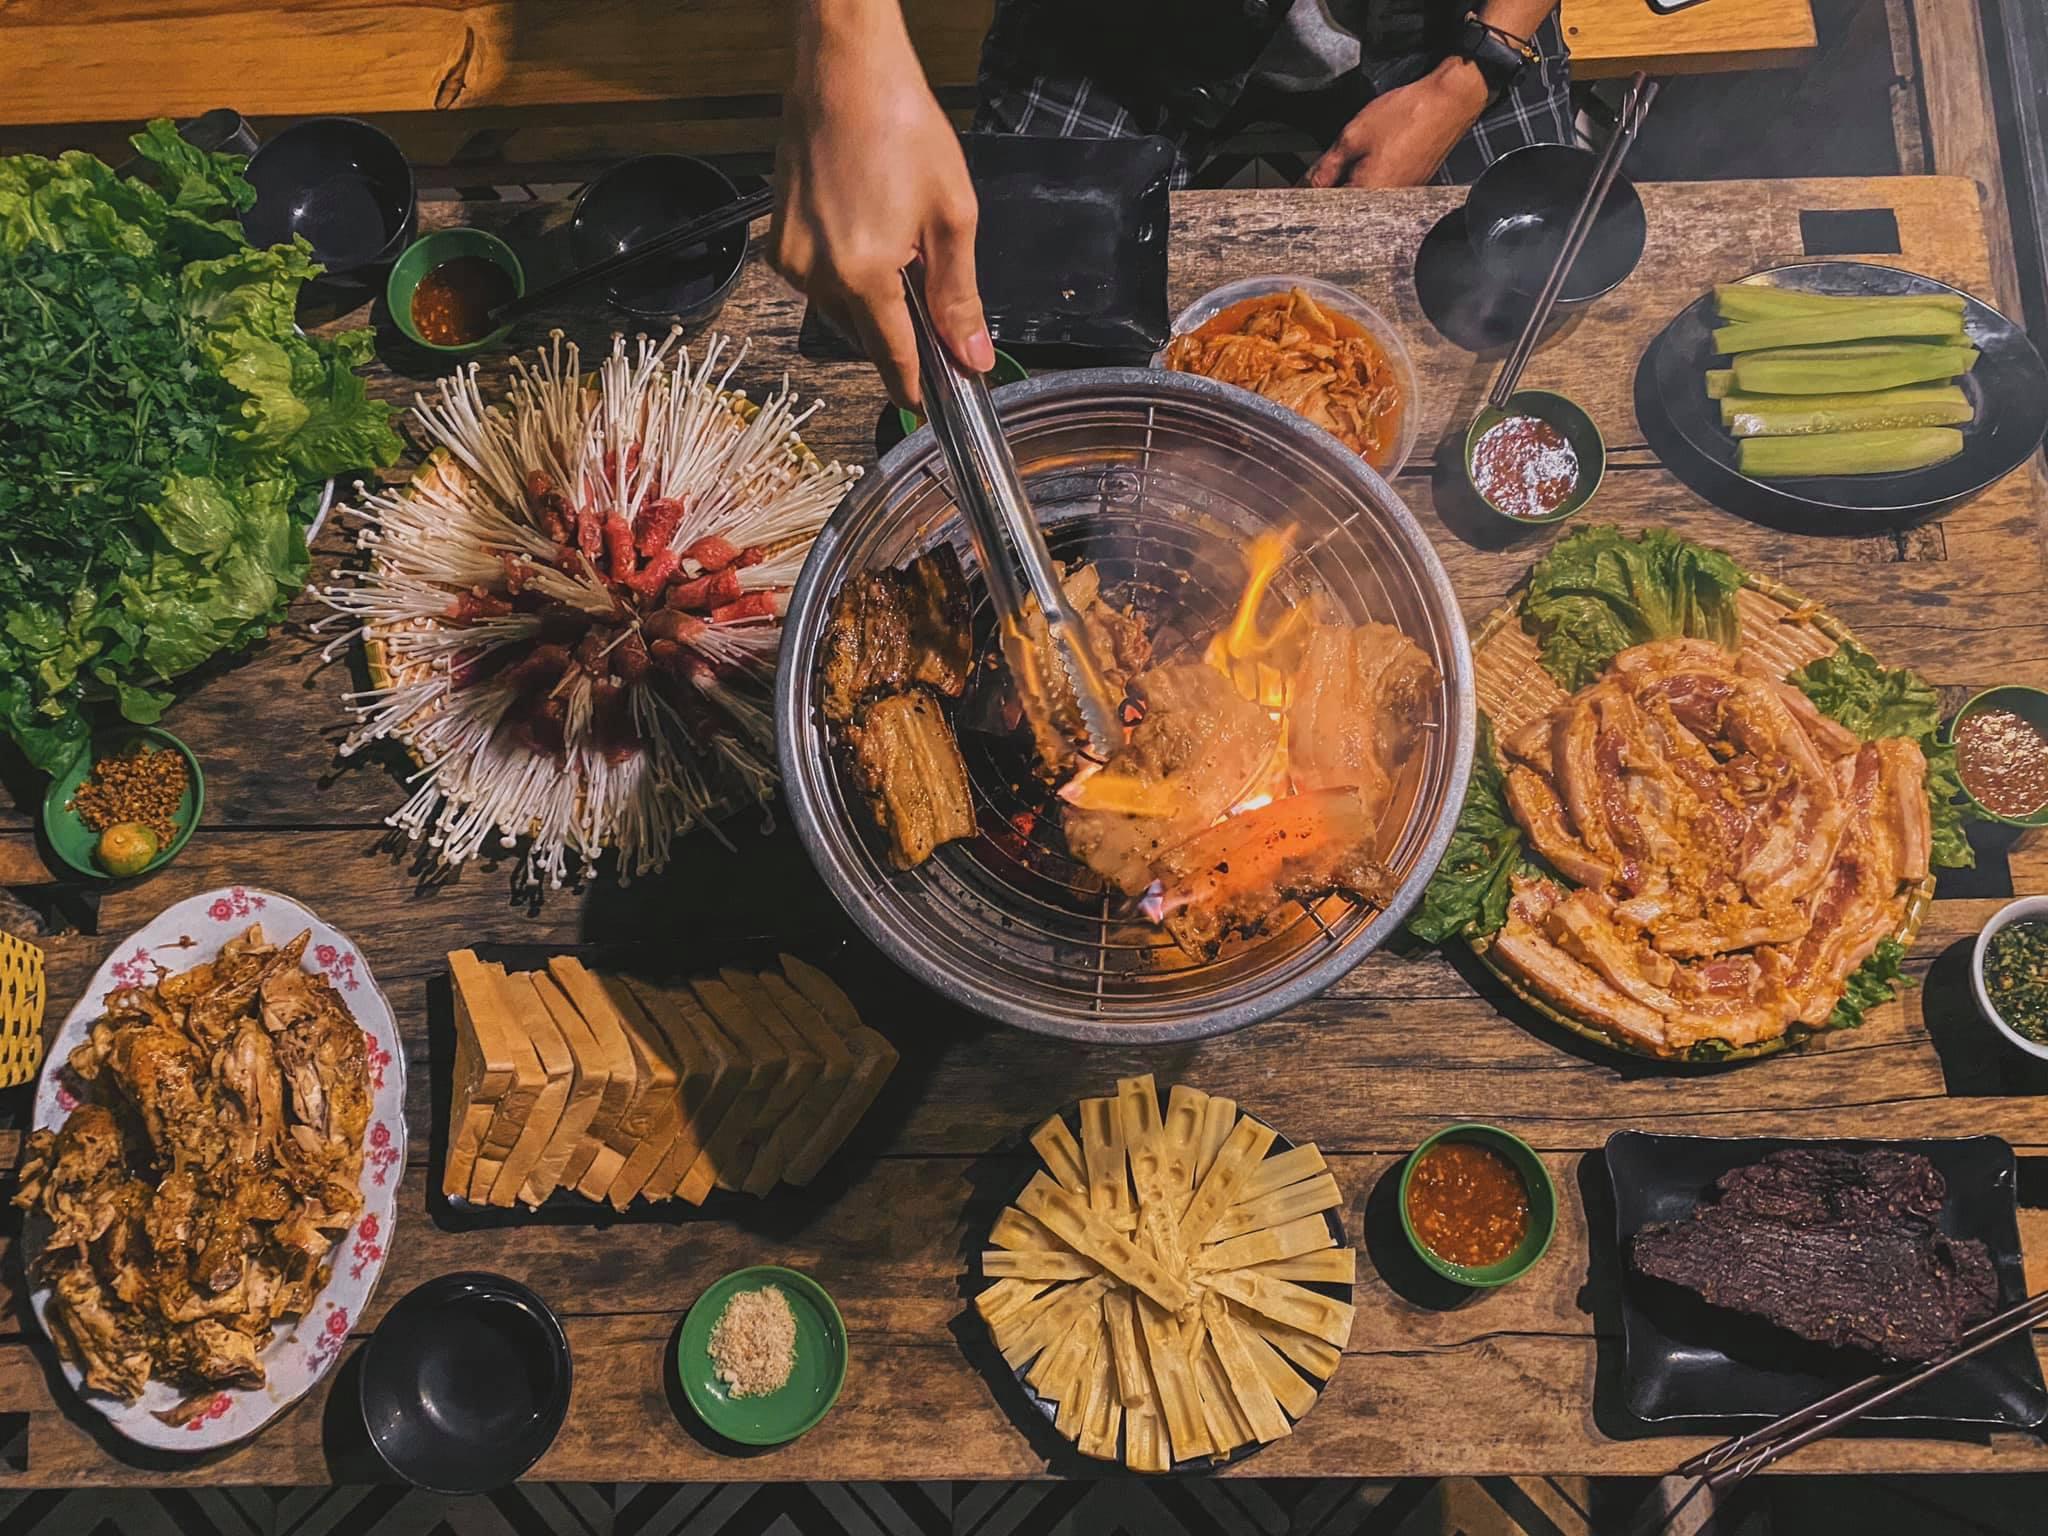 House By Lake Mộc Châu. Địa chỉ: 63 Trần Huy Liệu, TT. Mộc Châu, Mộc Châu, Sơn La.